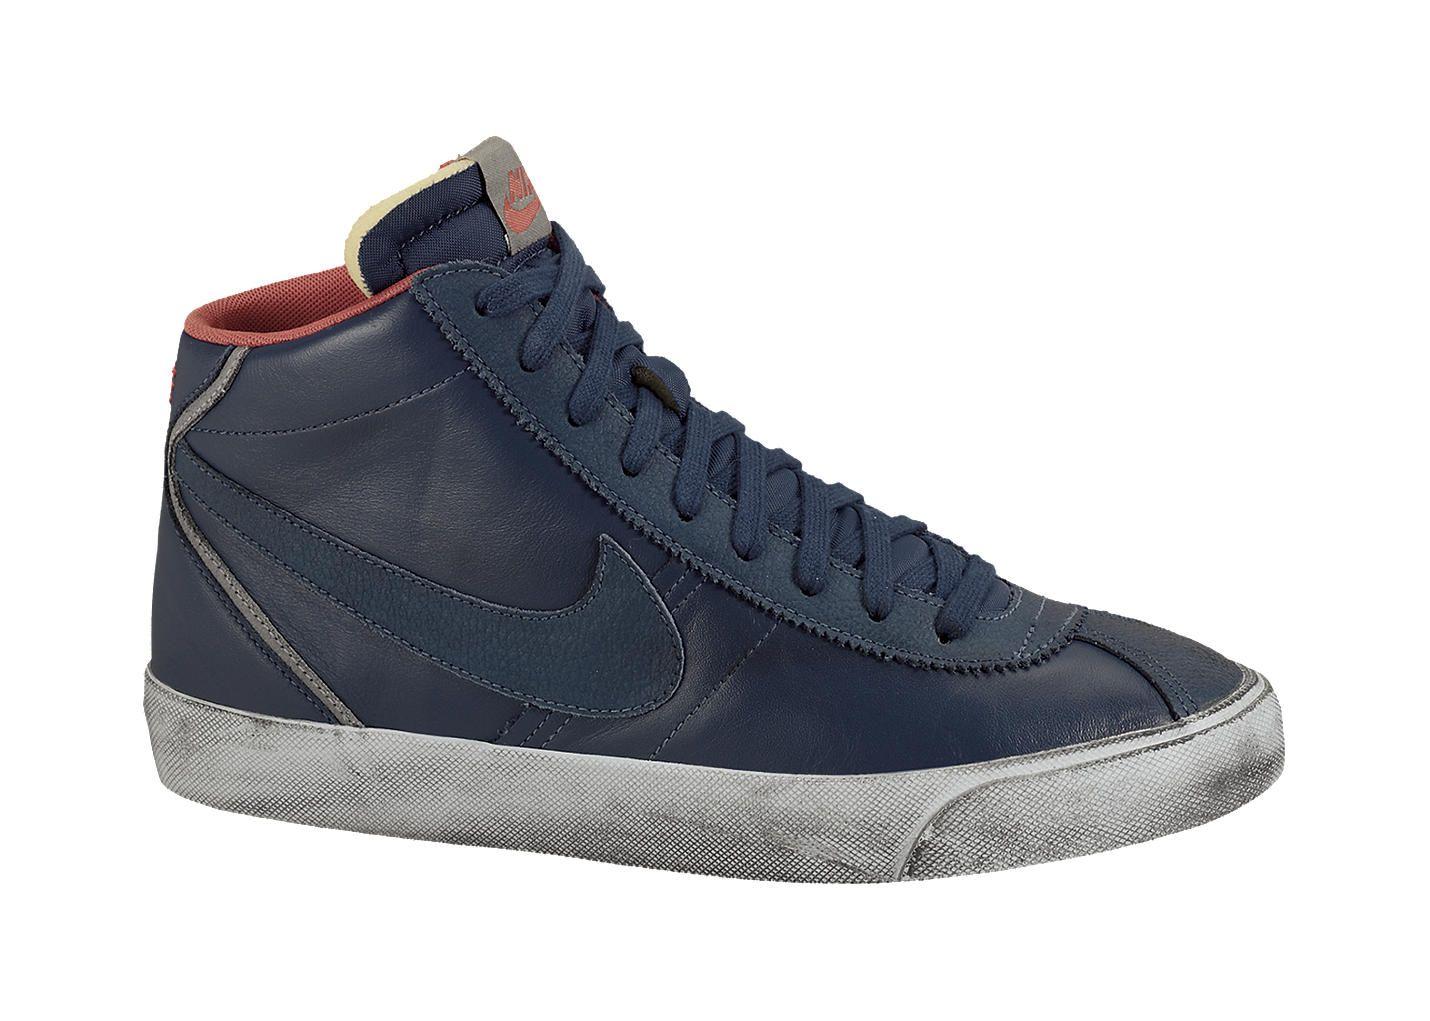 huge selection of 1e703 e8678 Nike Bruin Mid Premium Vintage